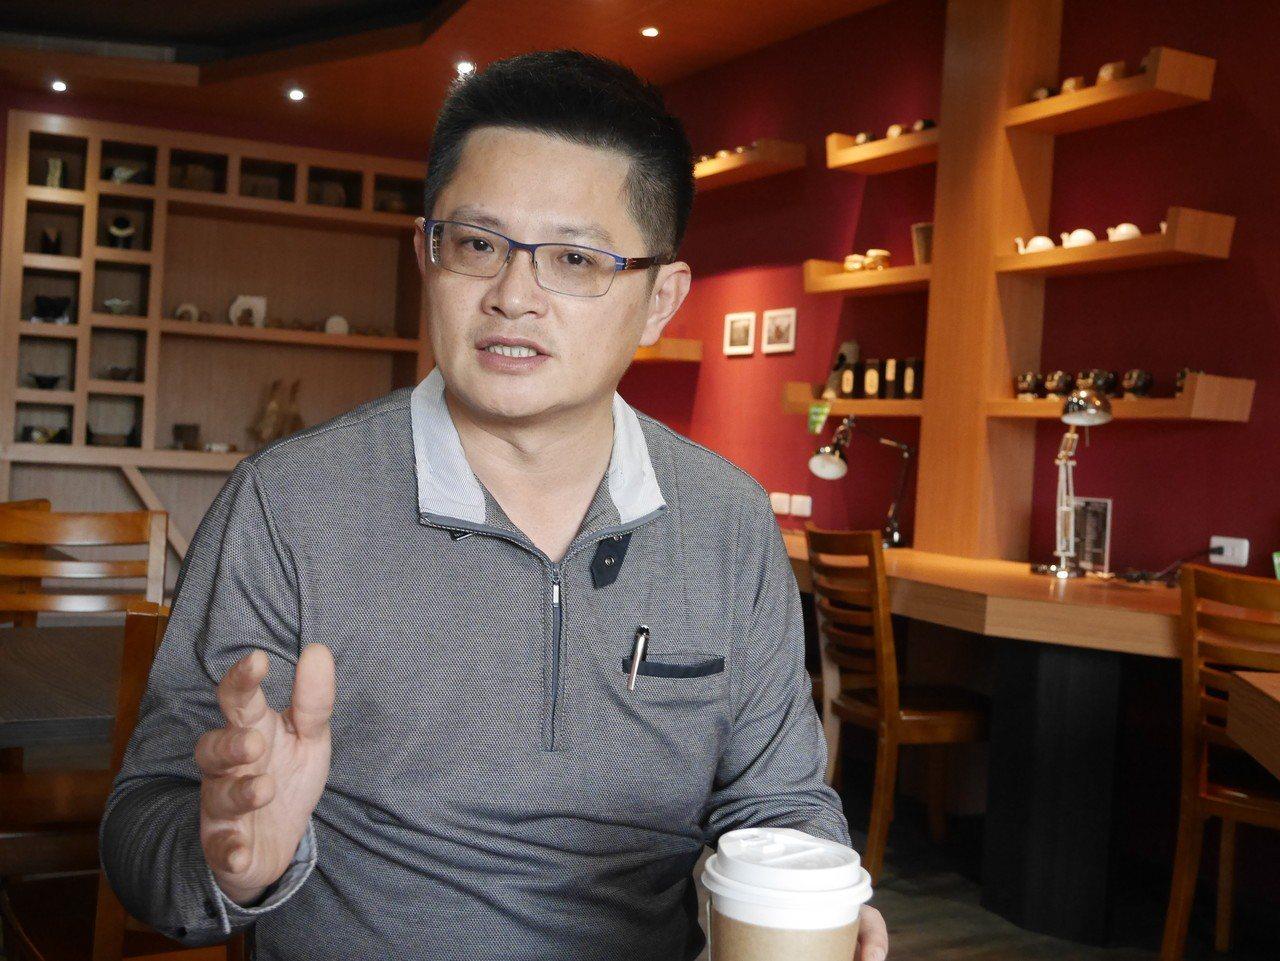 台灣鯖鰺漁業協會秘書長邱嘉進表示,紅火心本來就是他們作業漁場。 記者吳淑君/攝影